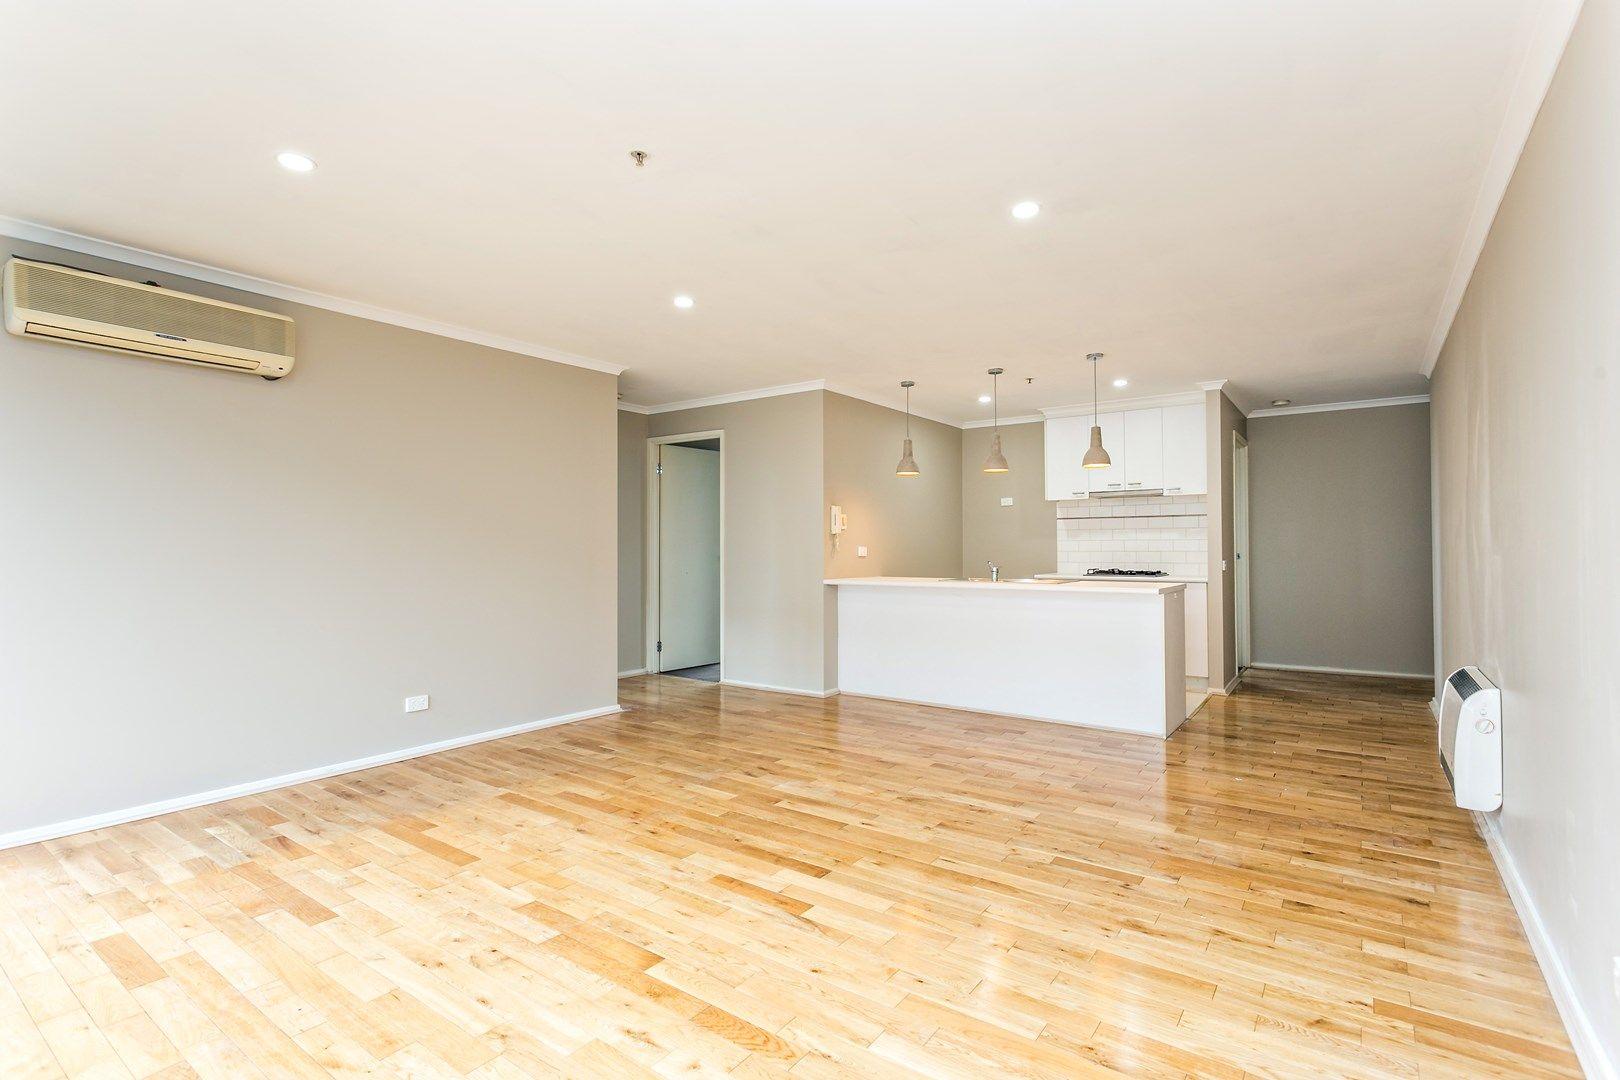 157/416 St Kilda Road, Melbourne 3004 VIC 3004, Image 0